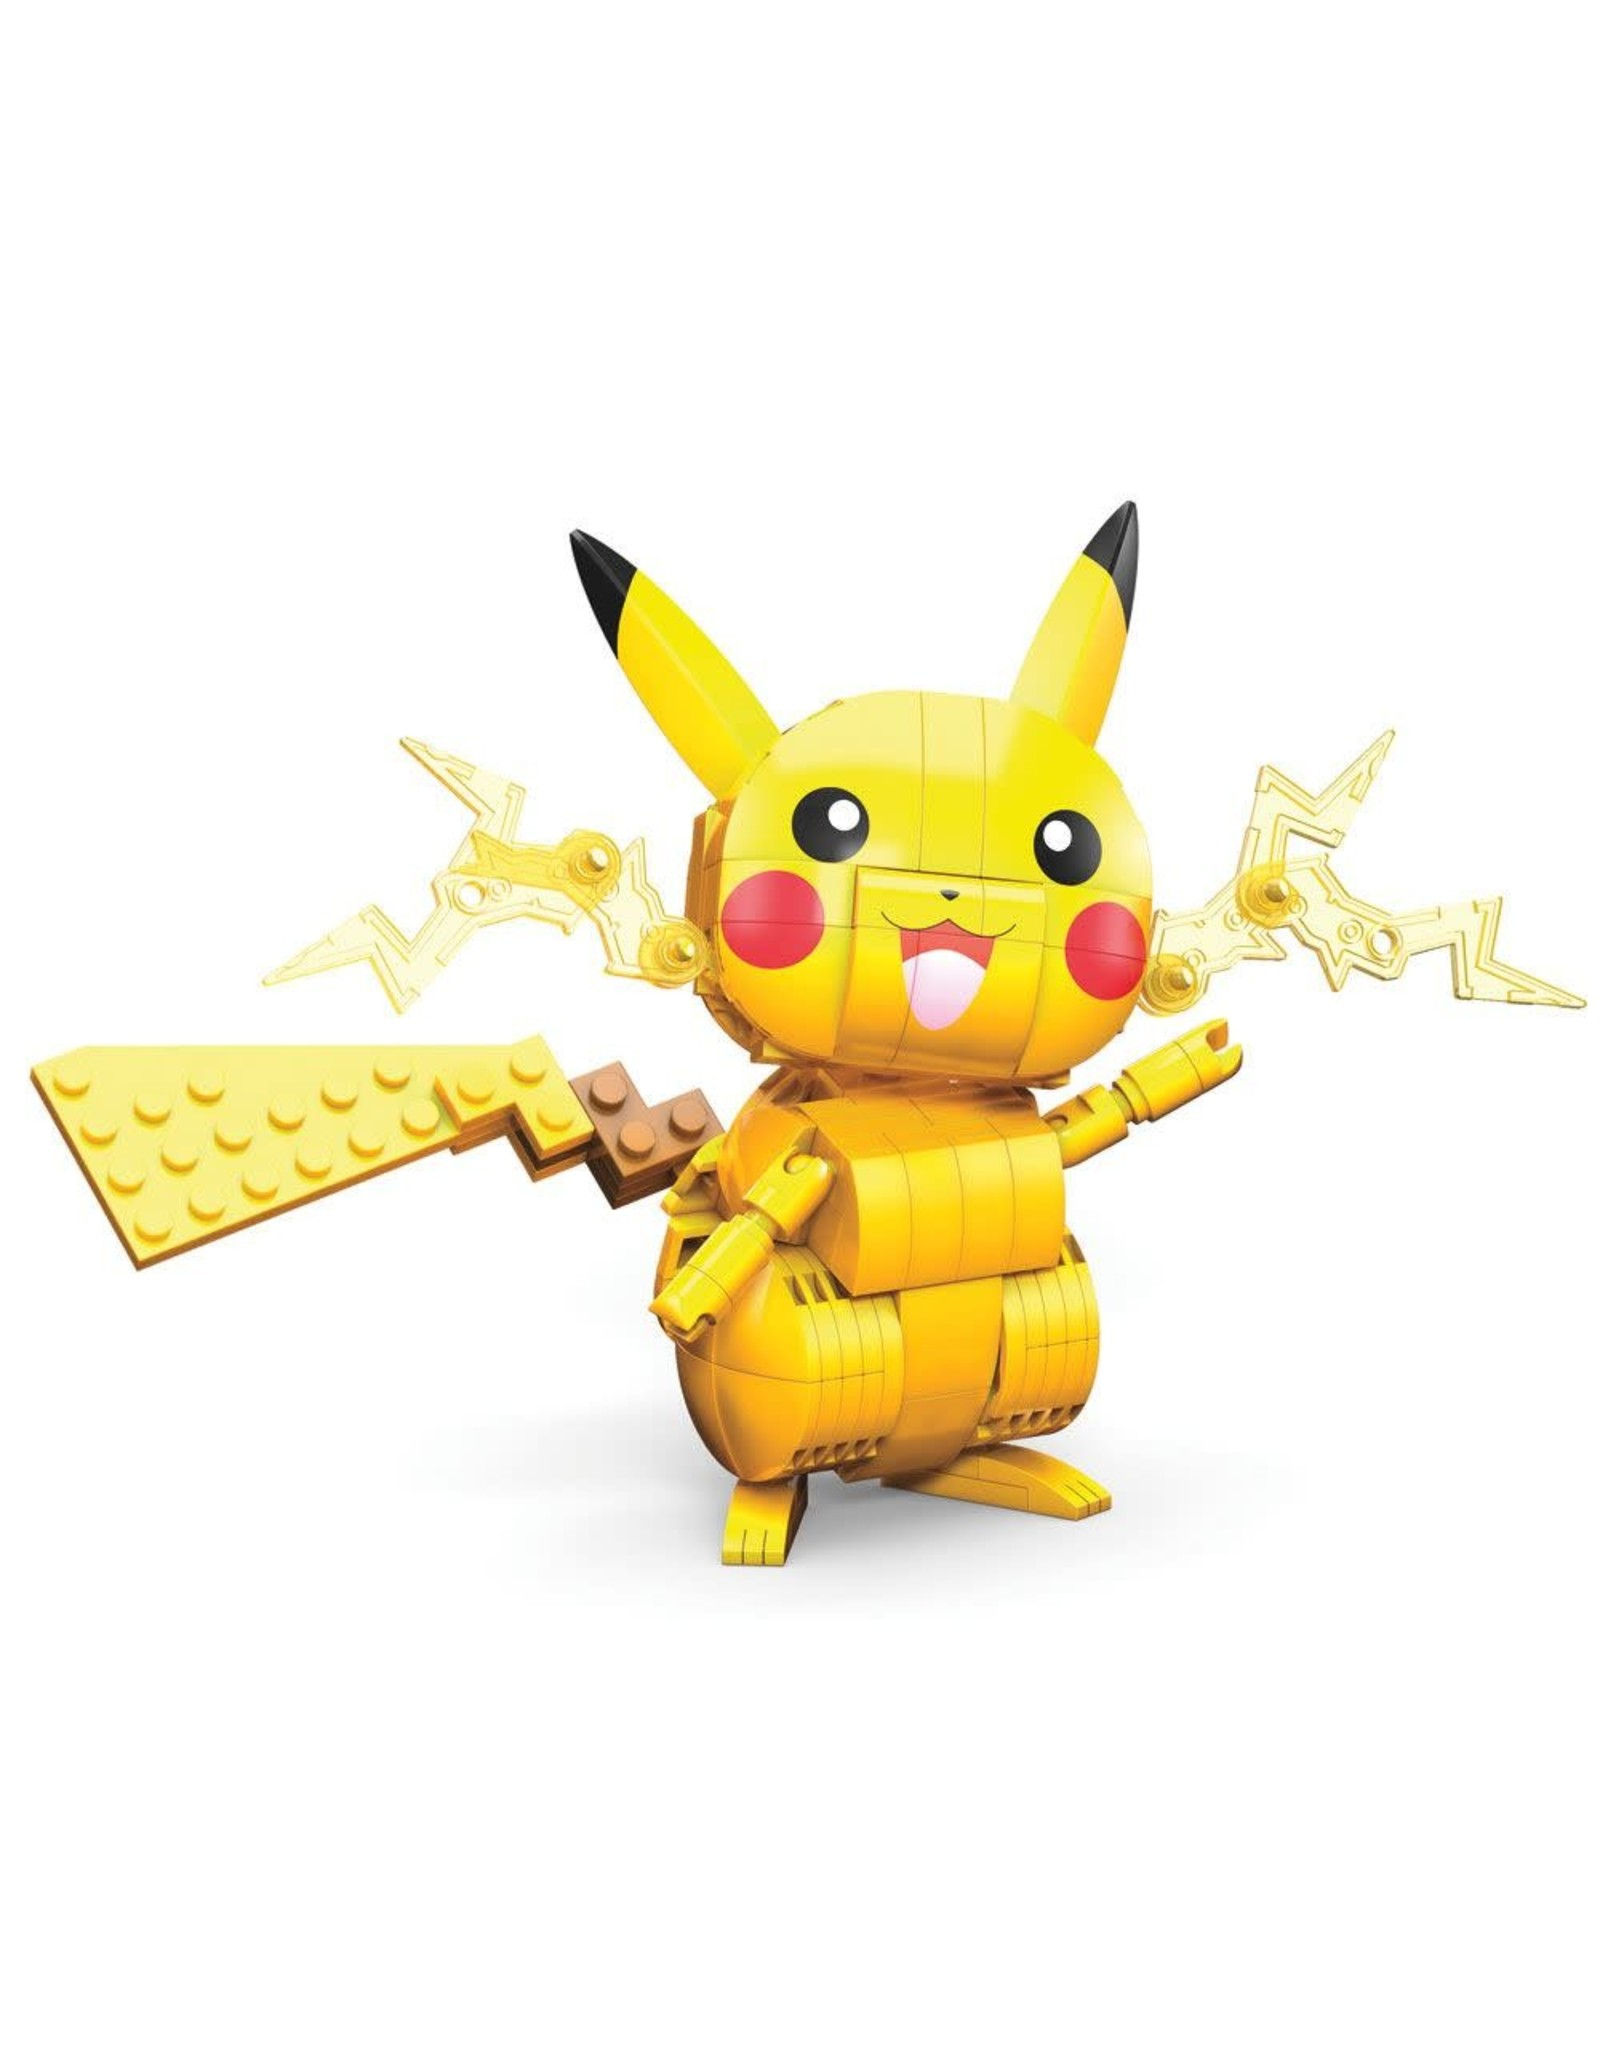 Pokémon - Pikachu - Mega Construx Wonder Builders Construction Set - 10 cm